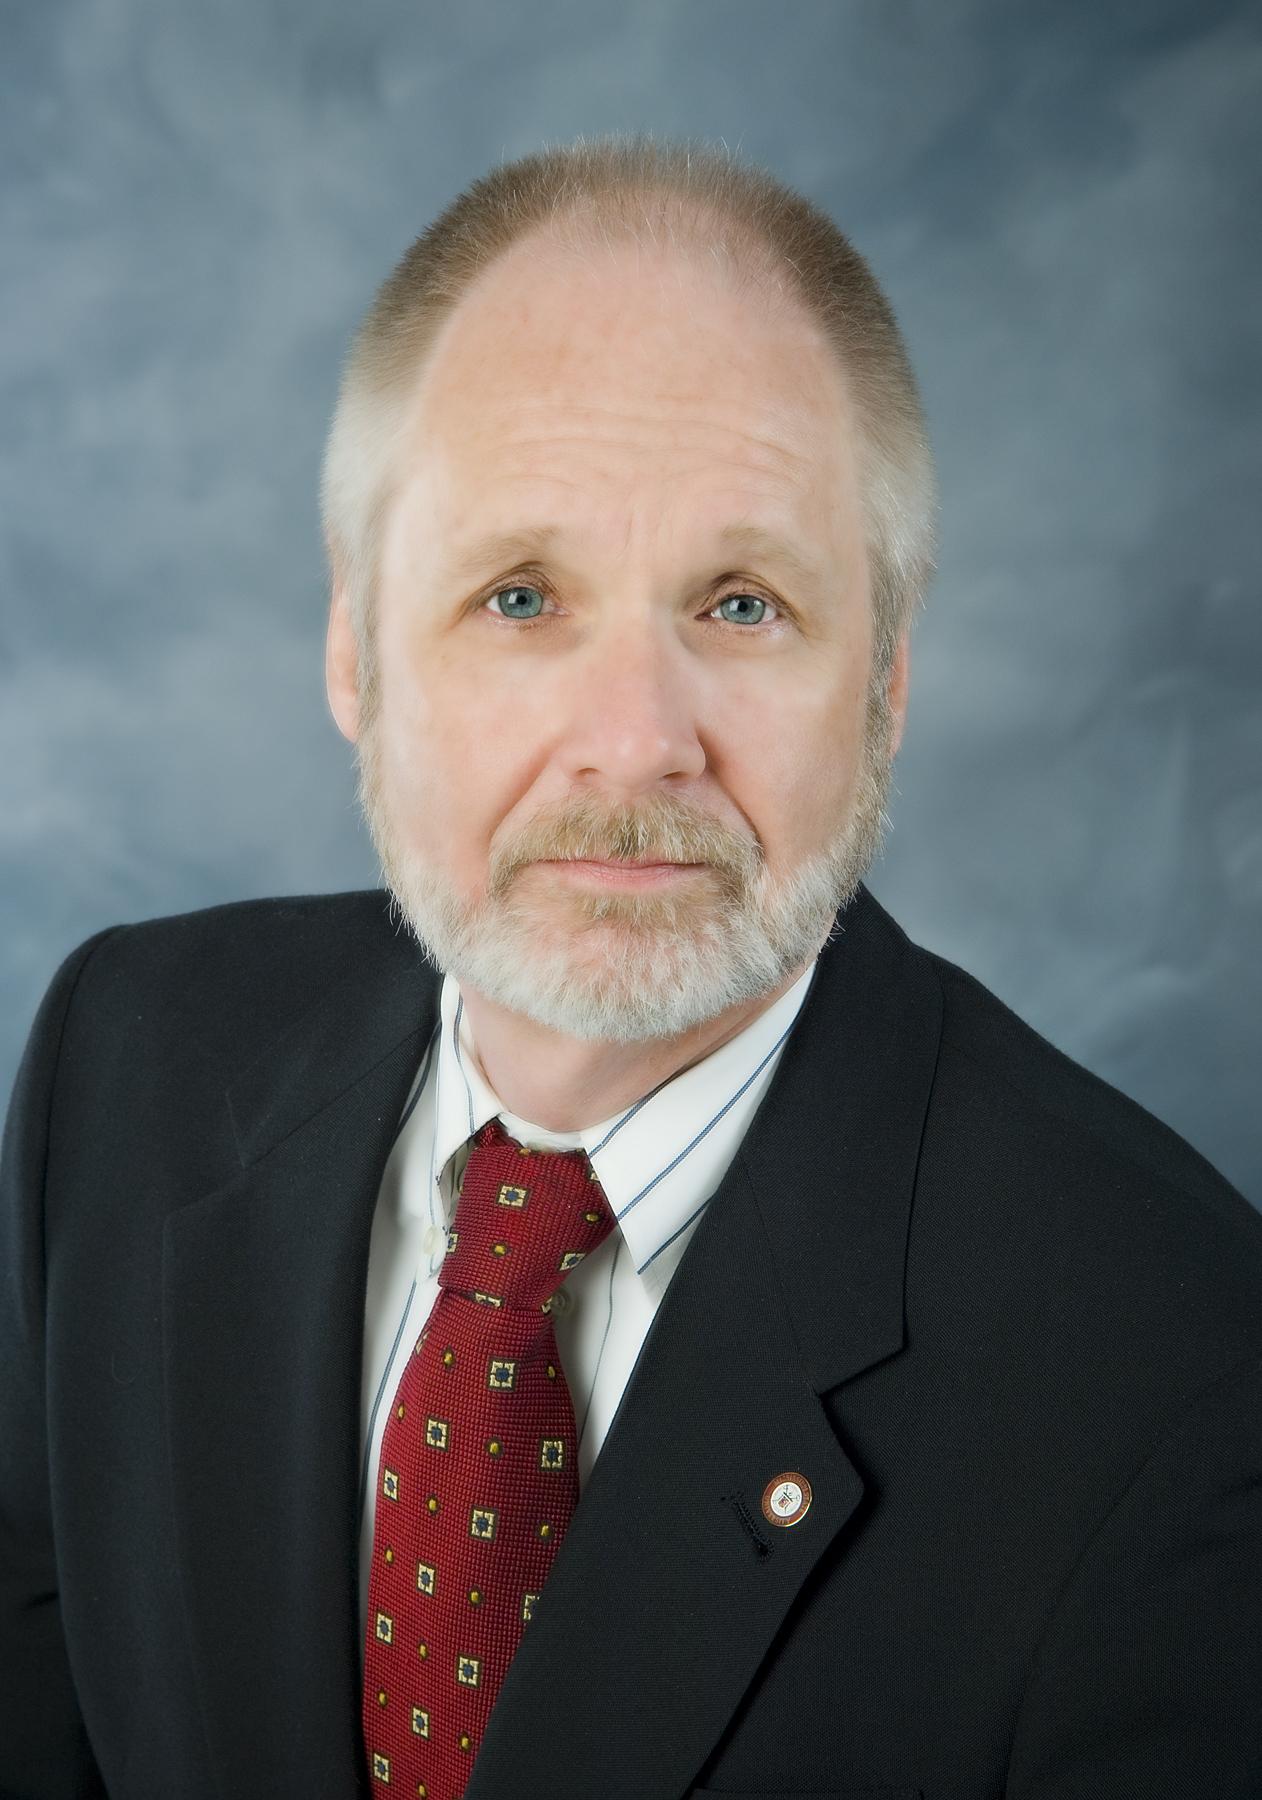 Allen G. Greenwood